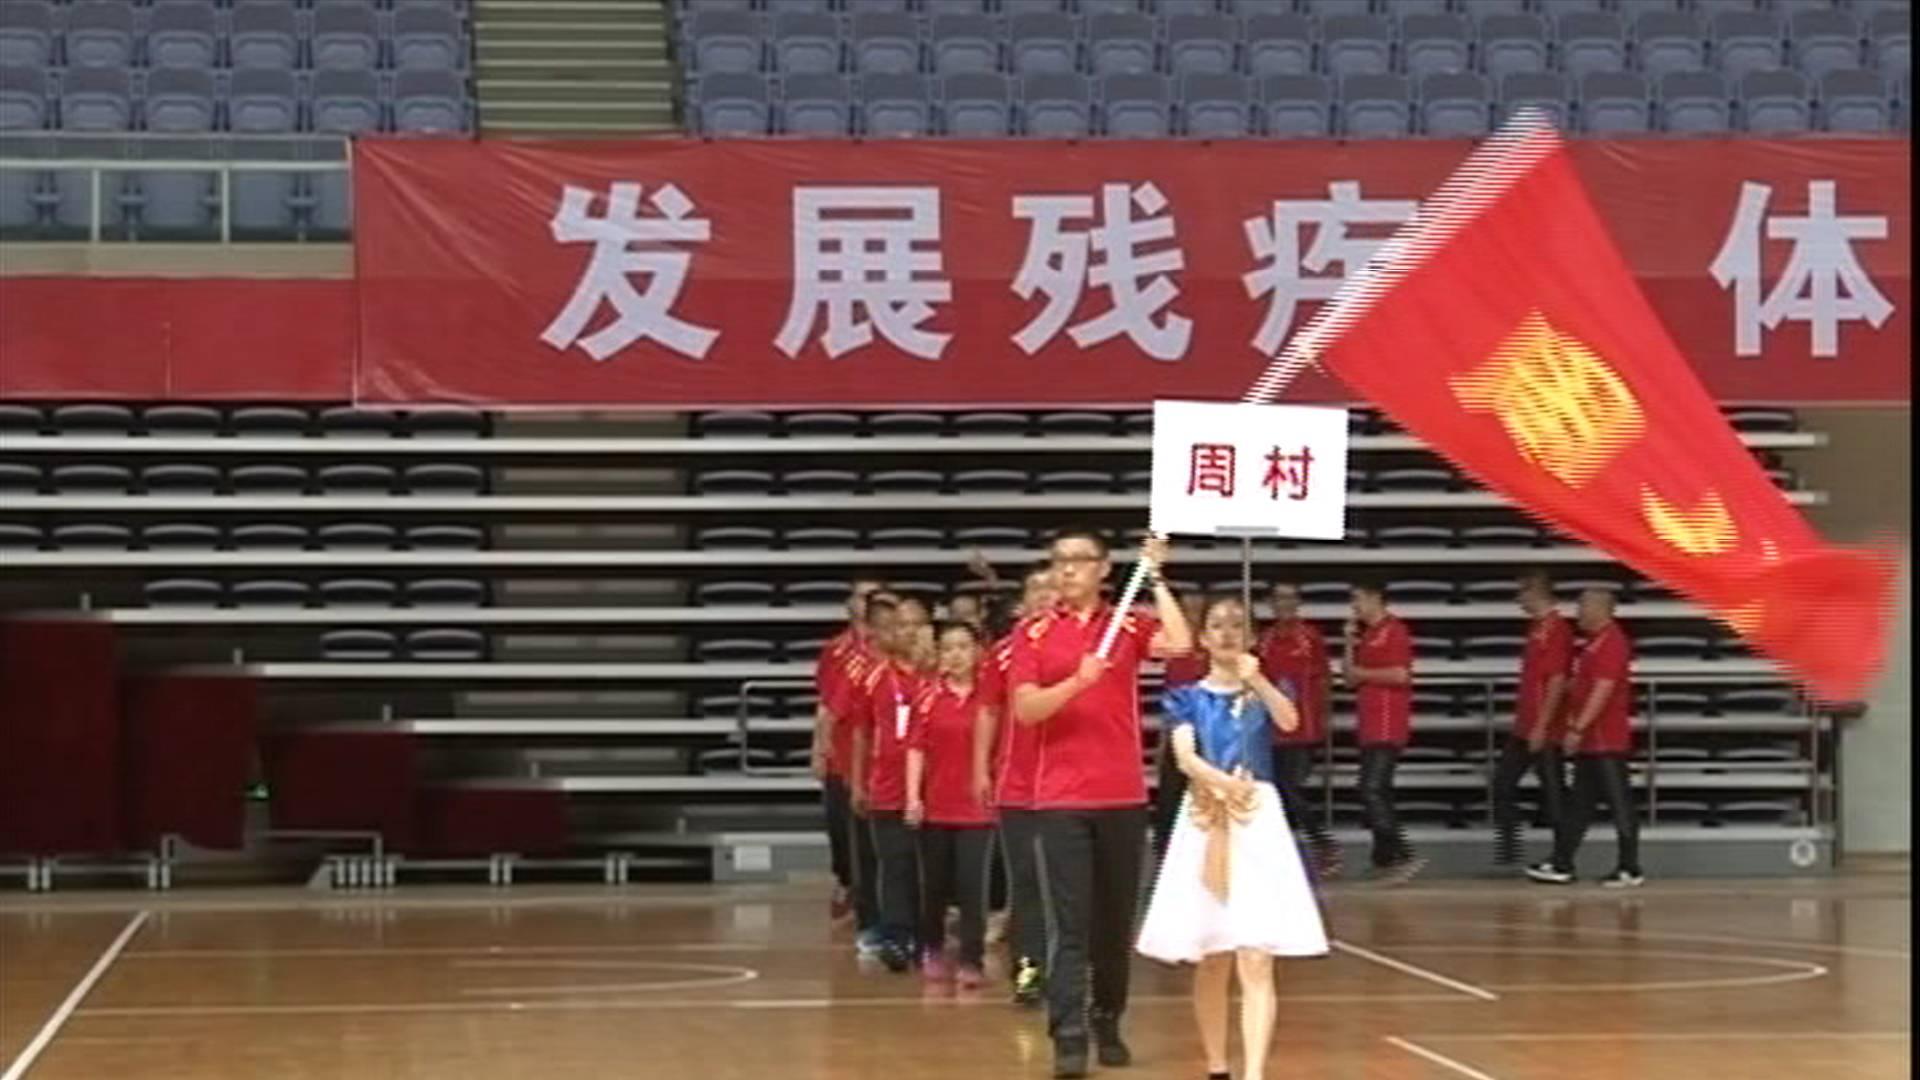 淄博:身残志坚 运动健儿赛场燃激情